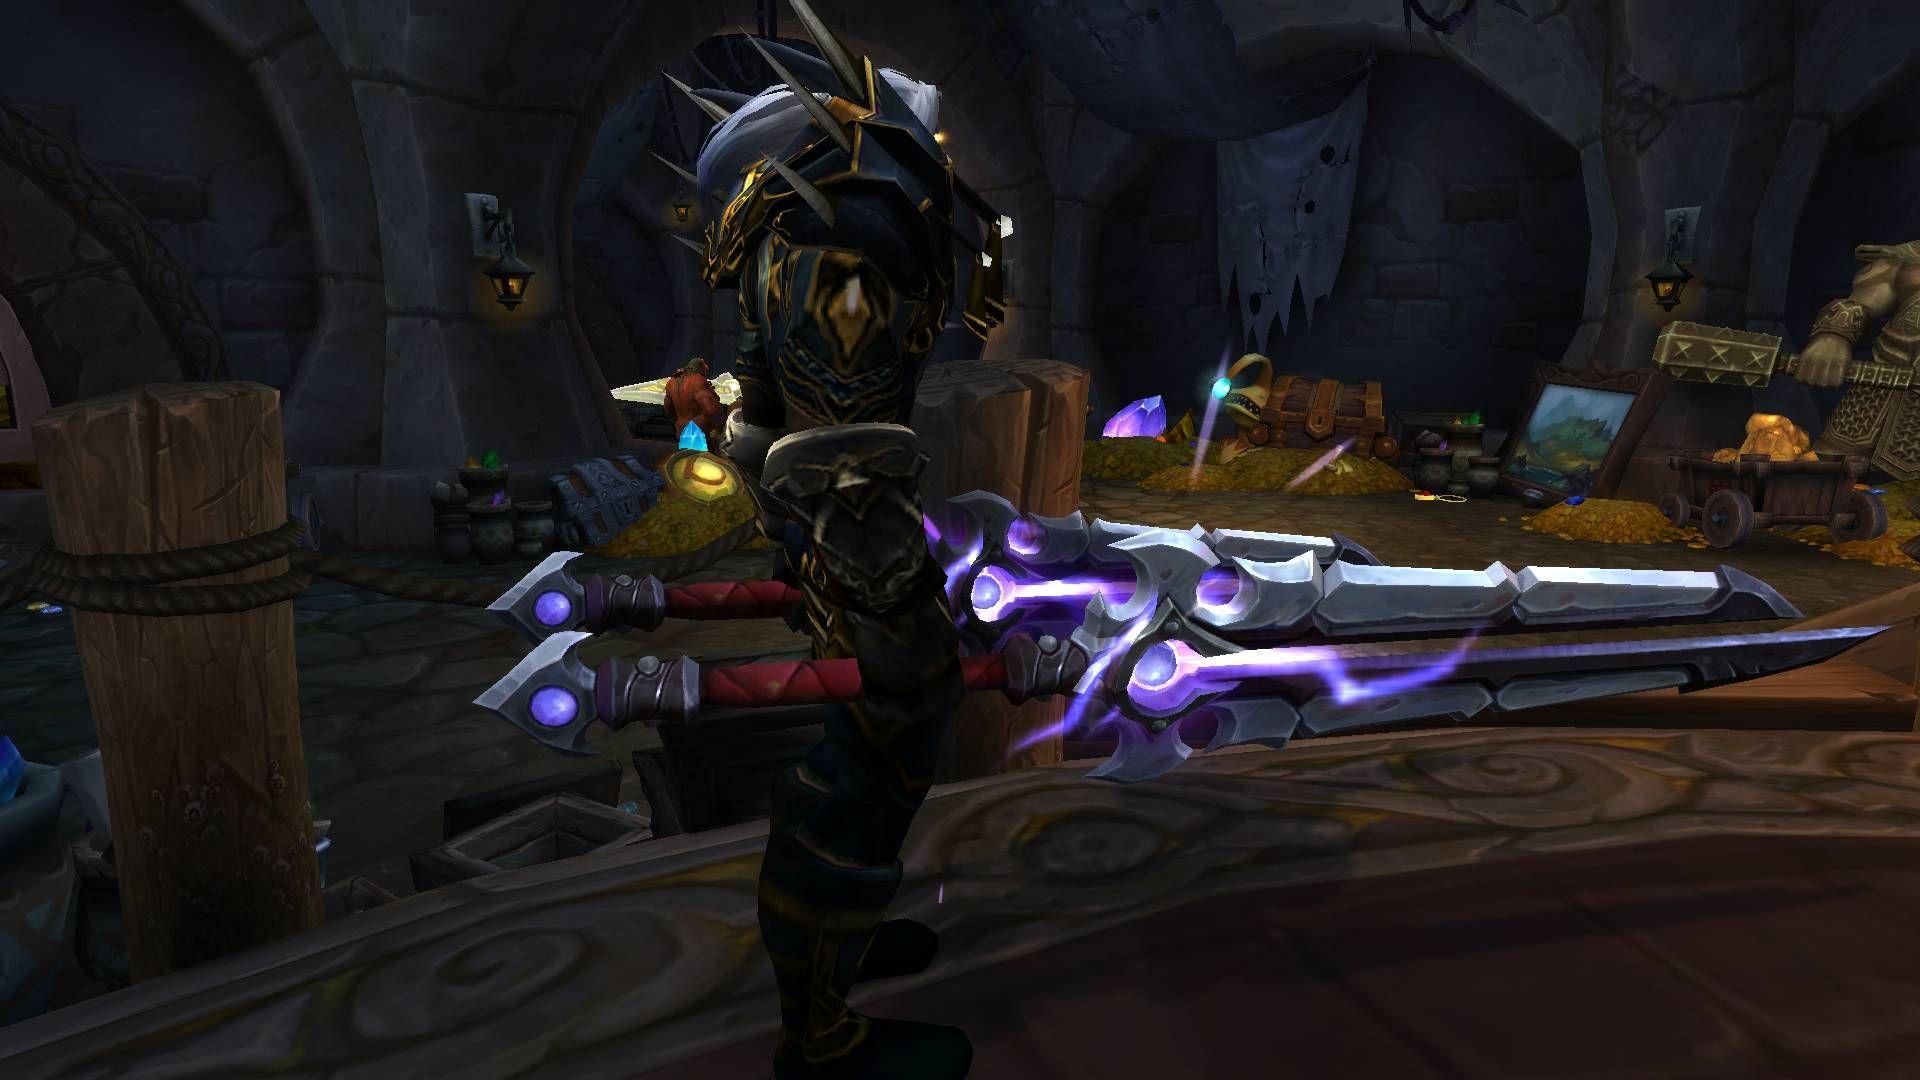 outlaw rogue hidden artifact appearance found worldofwarcraft